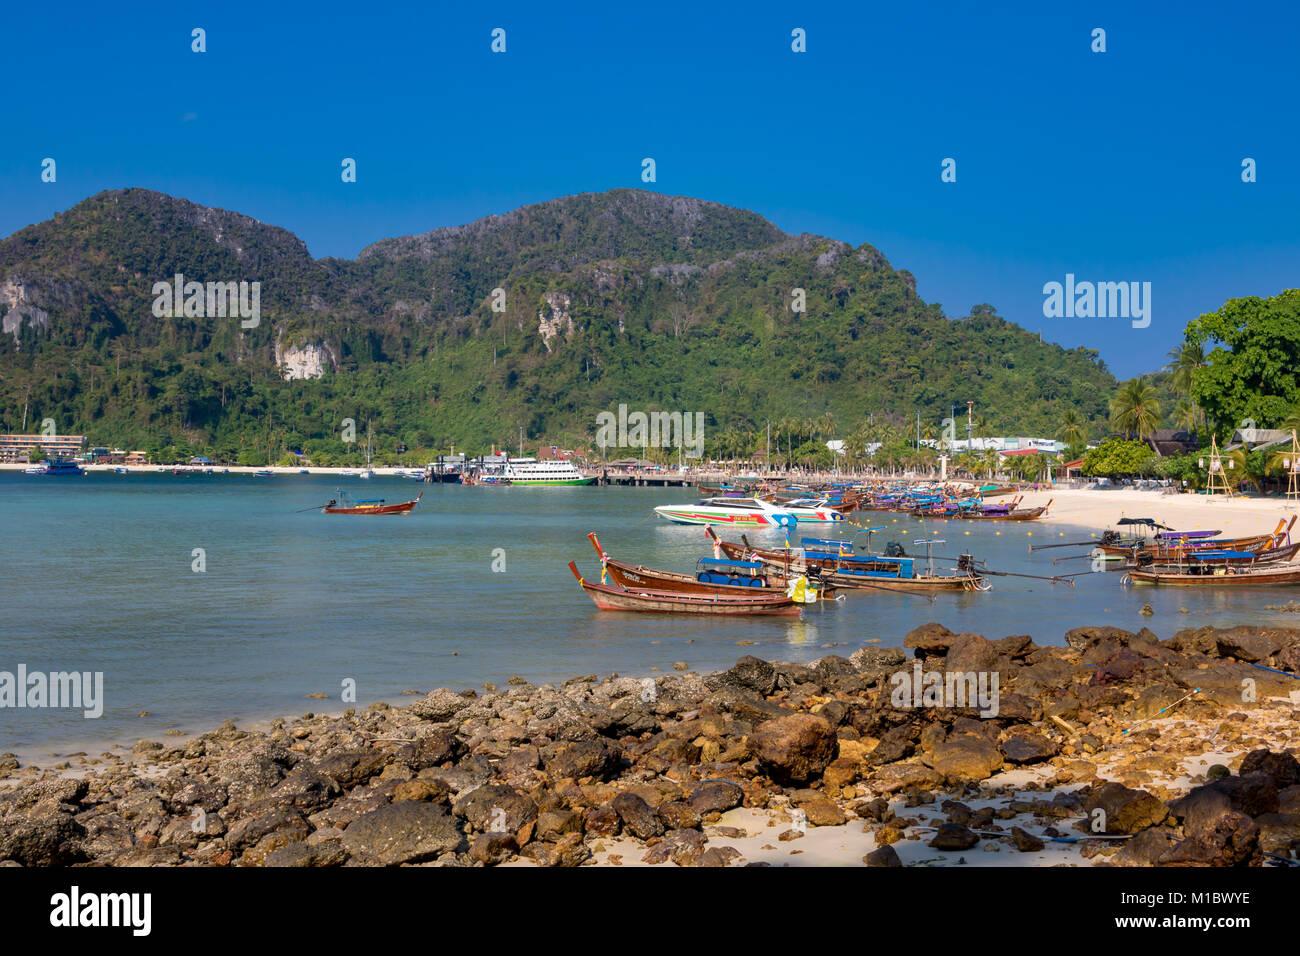 La Isla Phi Phi Krabi Tailandia Enero 31, 2016 Bella Vista en la marea baja en Tonsai Ao, en Koh Phi Phi Don. Foto de stock